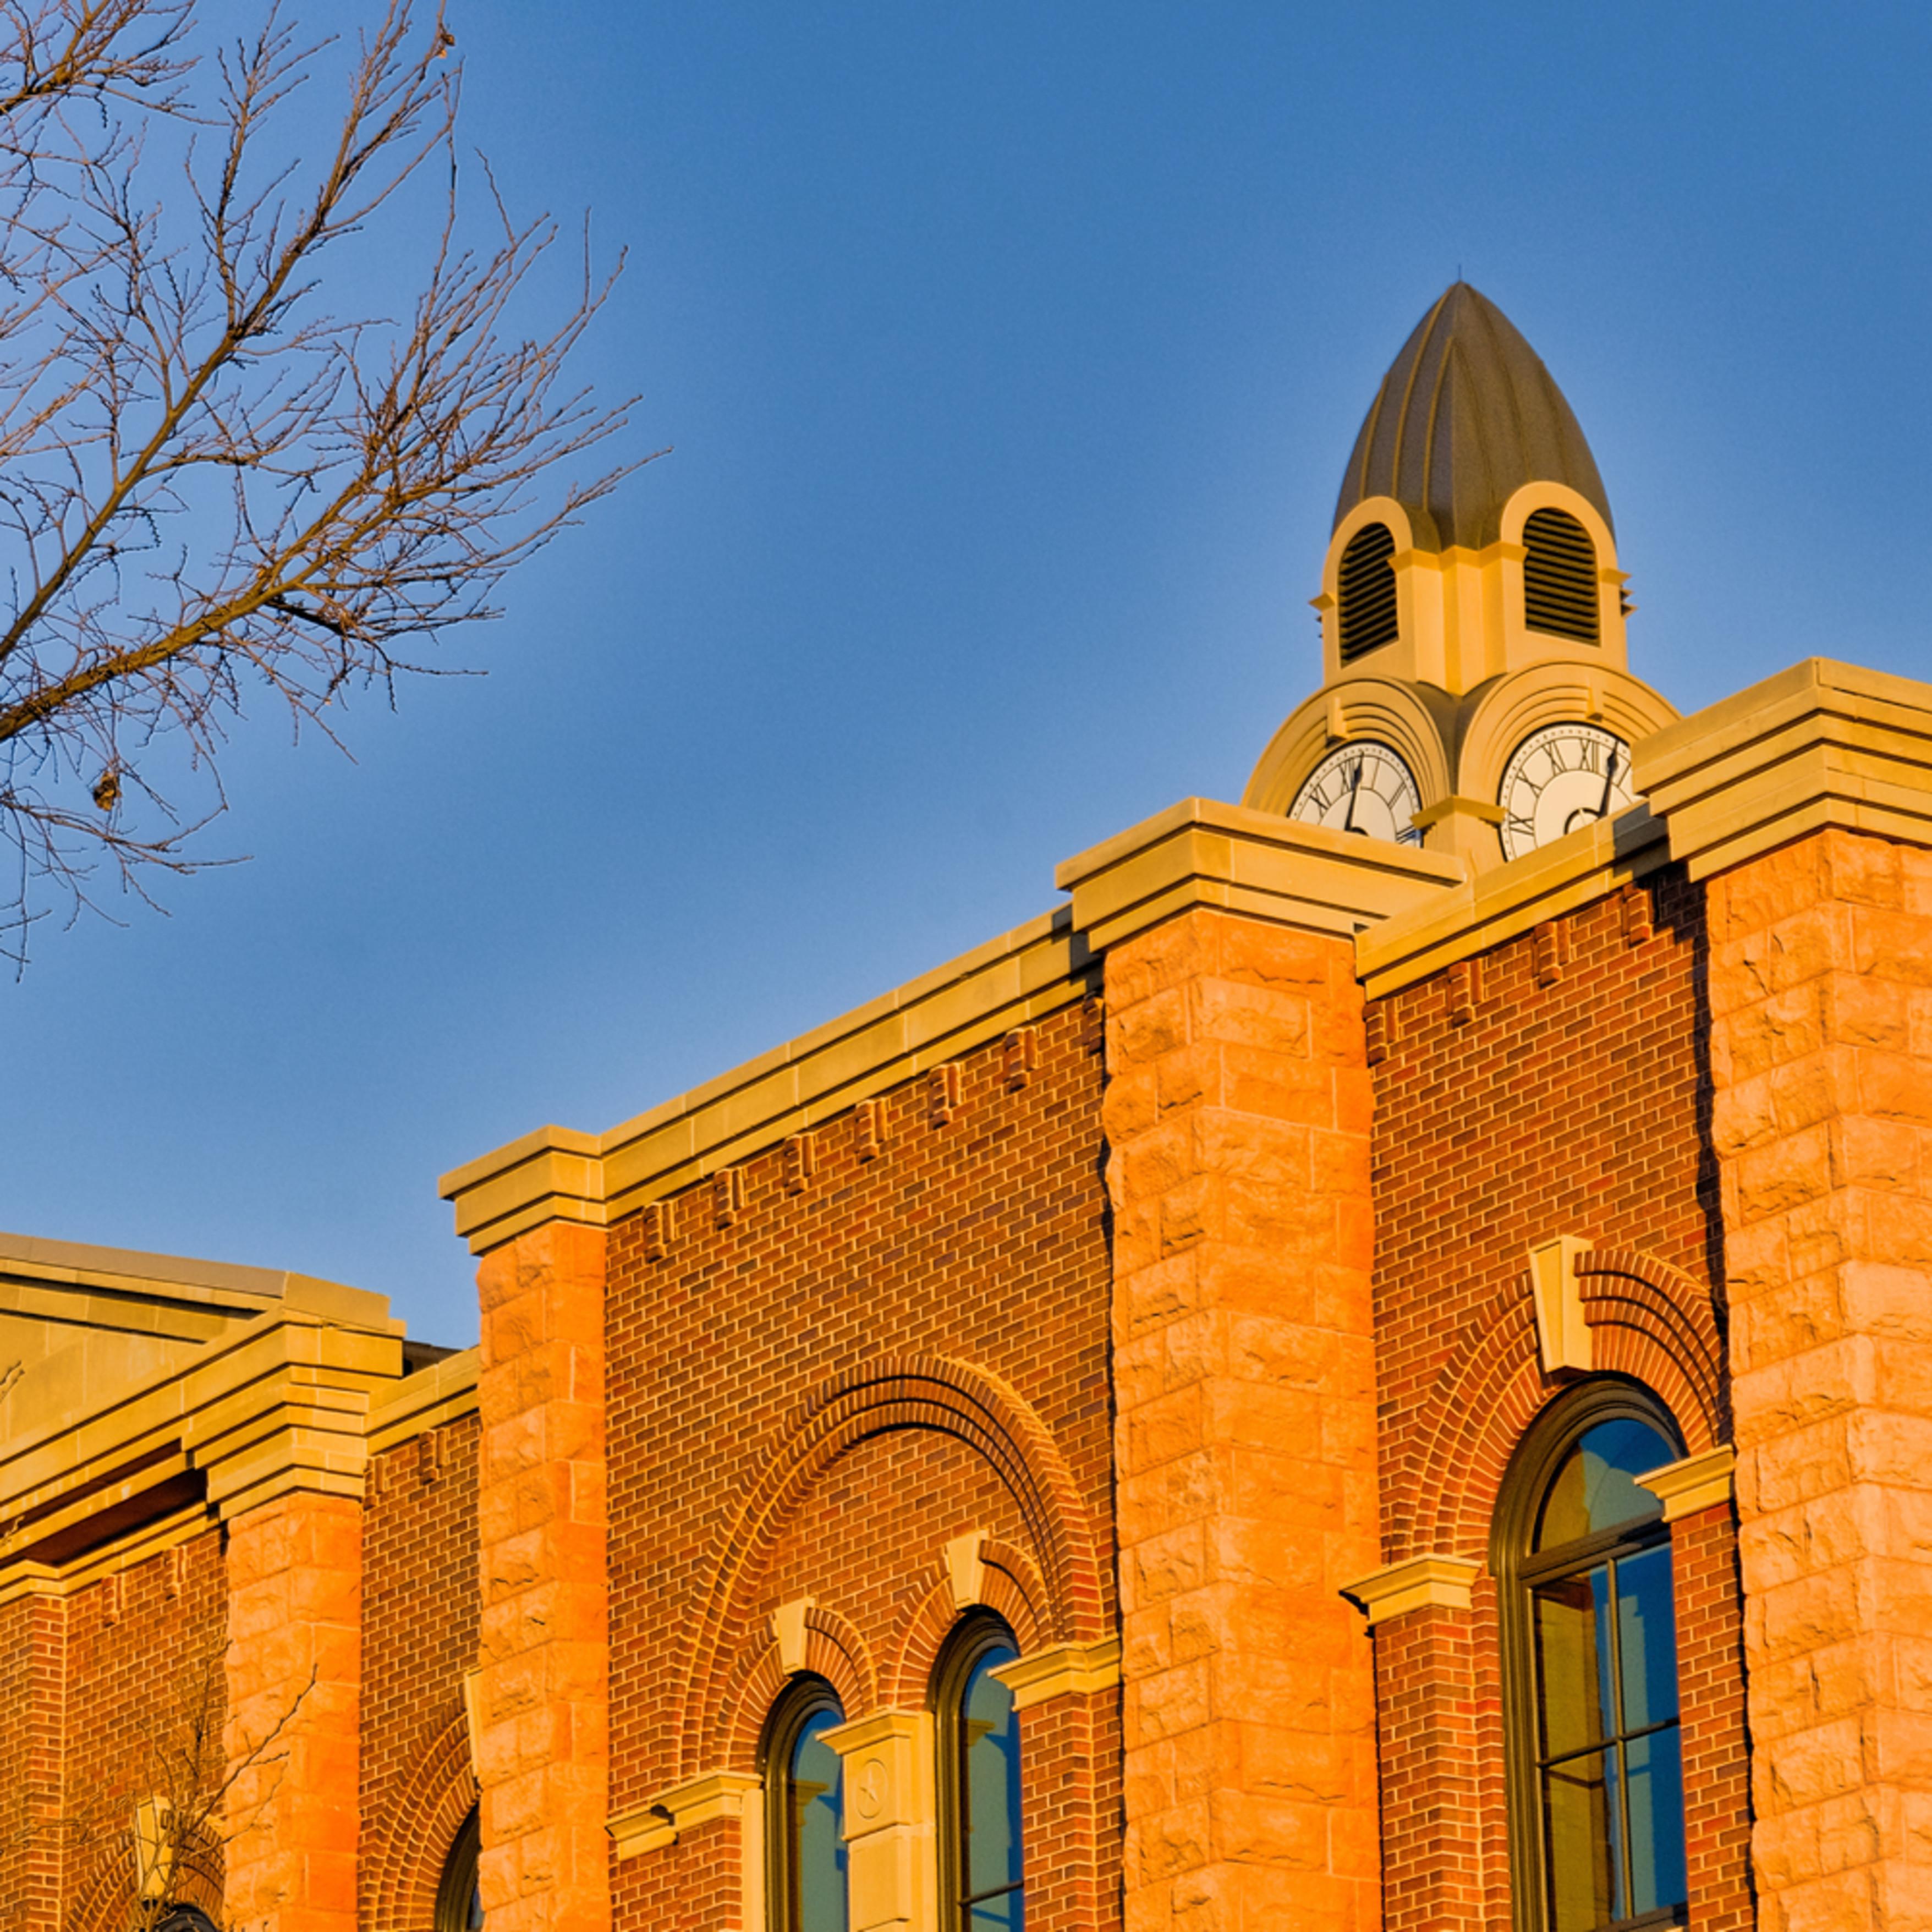 Roanoke town hall 2 vqislj